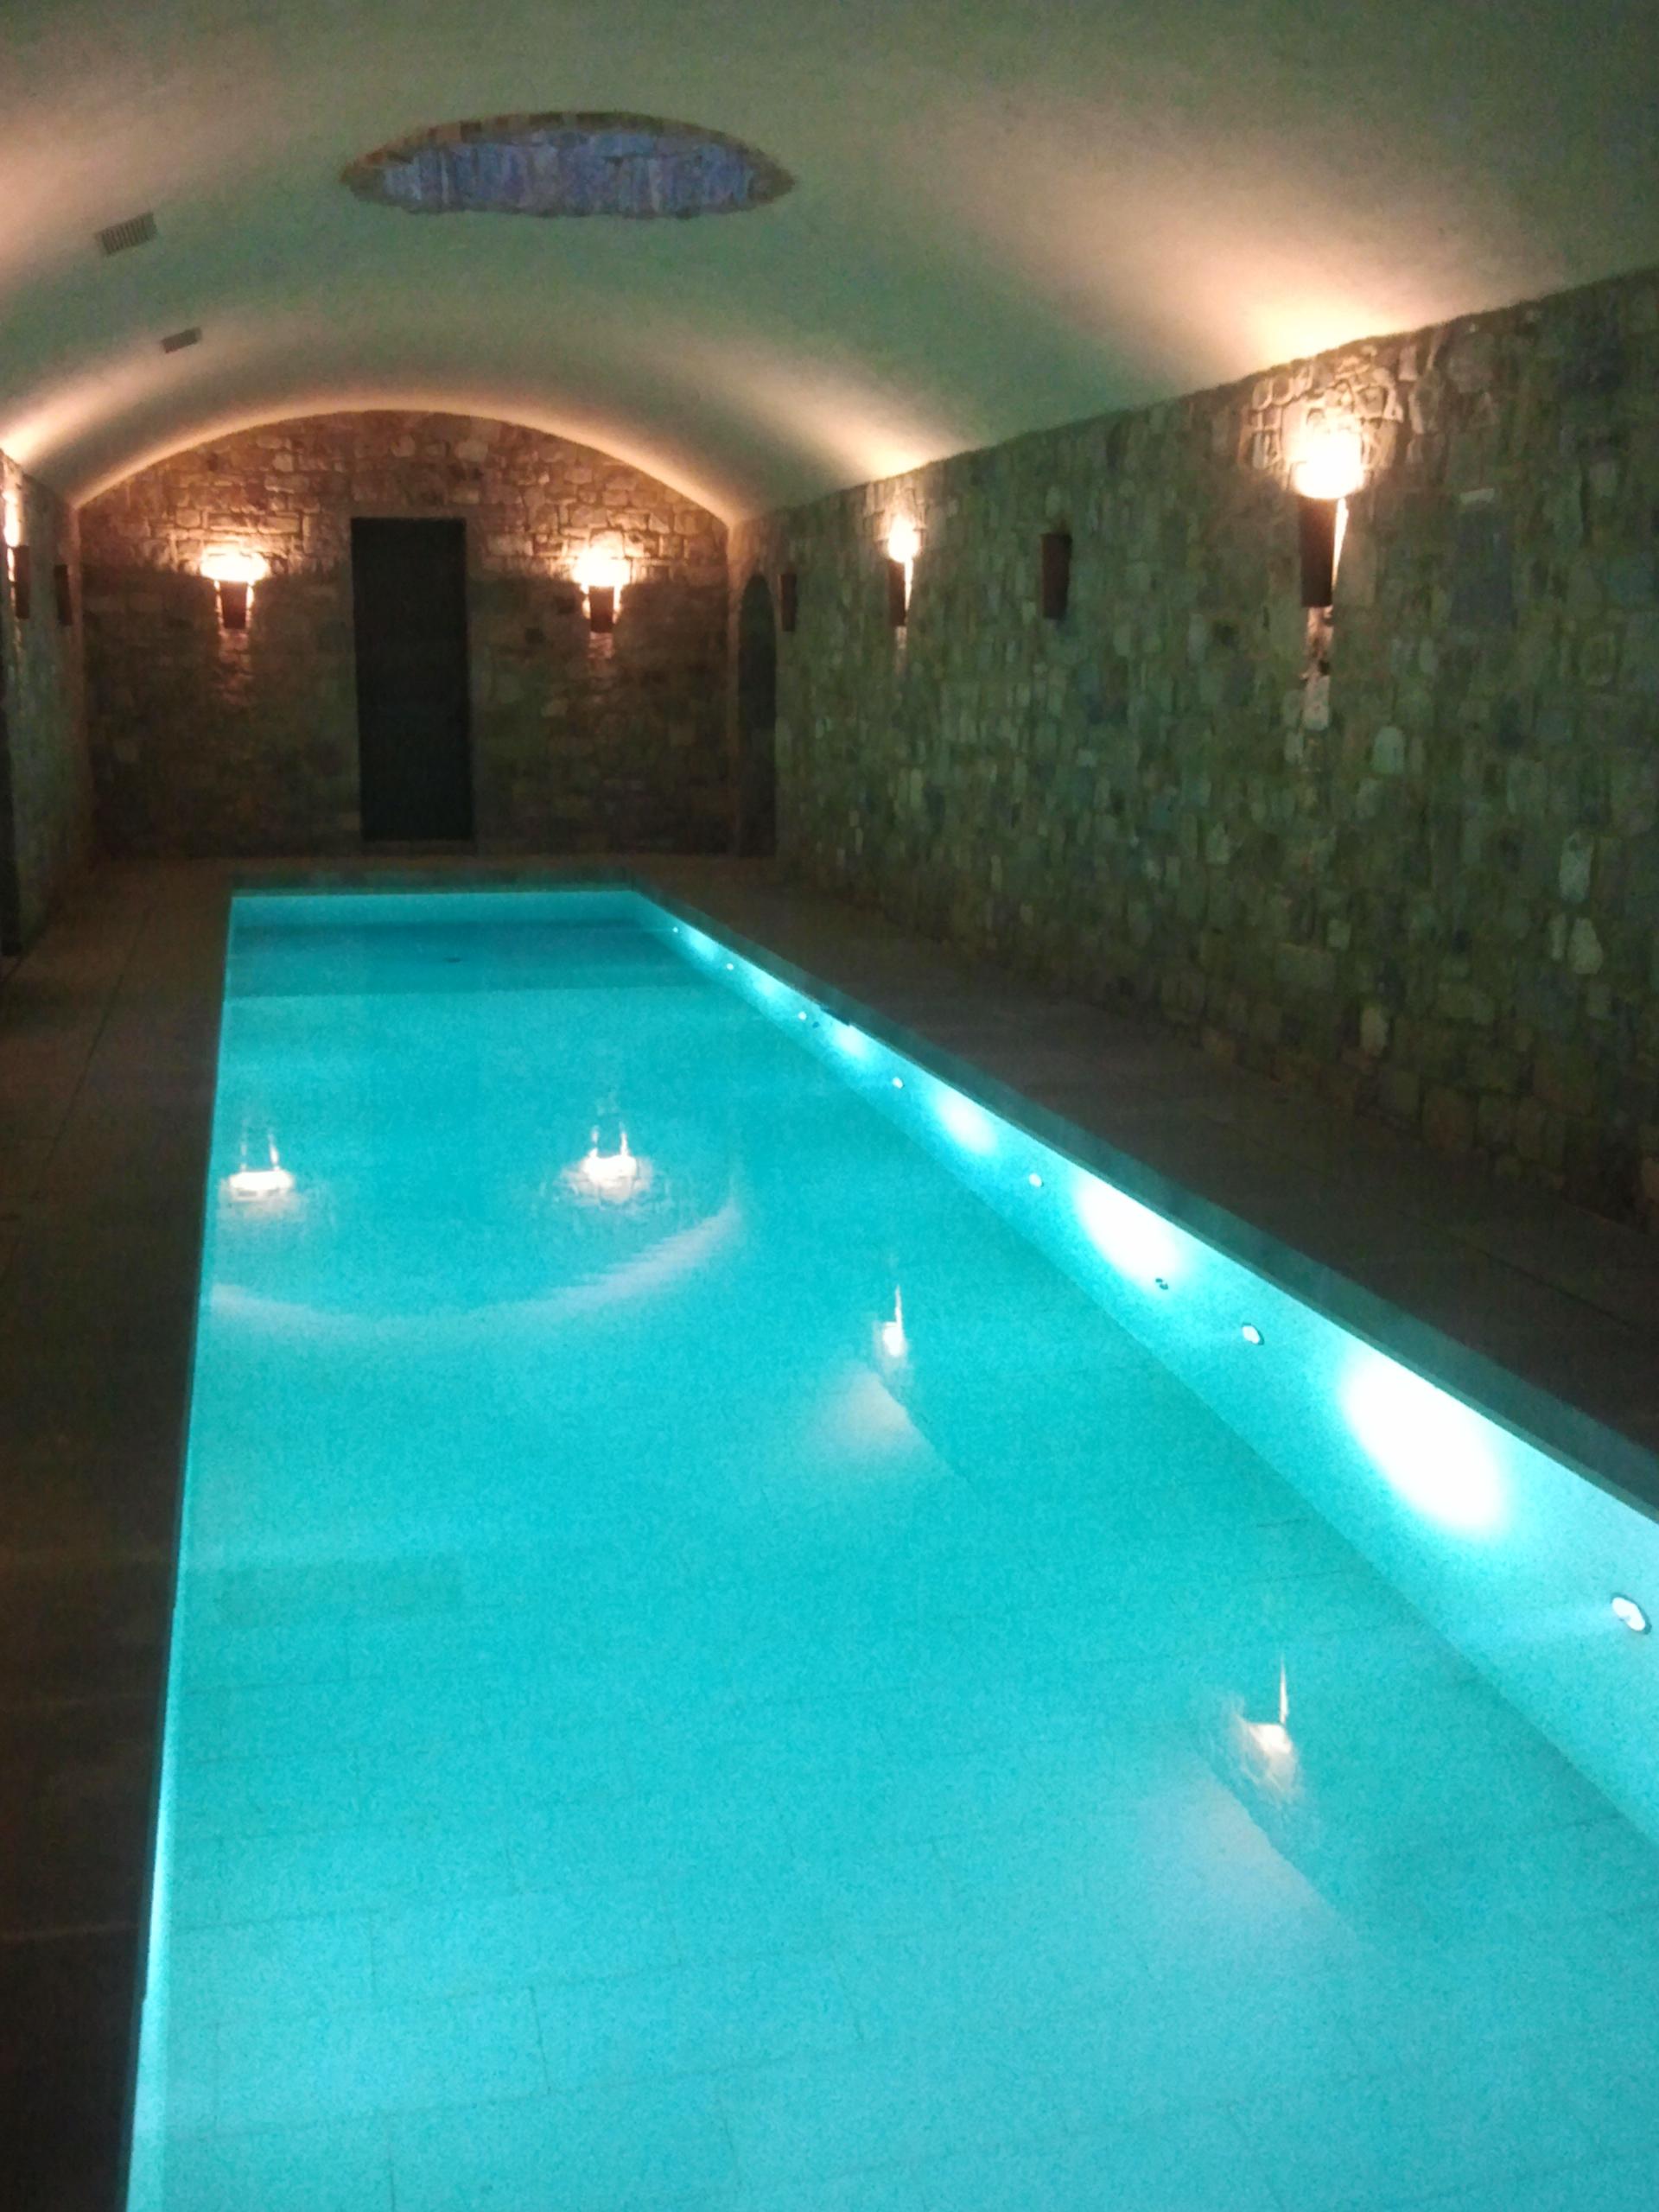 Richiesta preventivo piscina interrata prezzi piscine toscana - Piscina interna casa prezzi ...